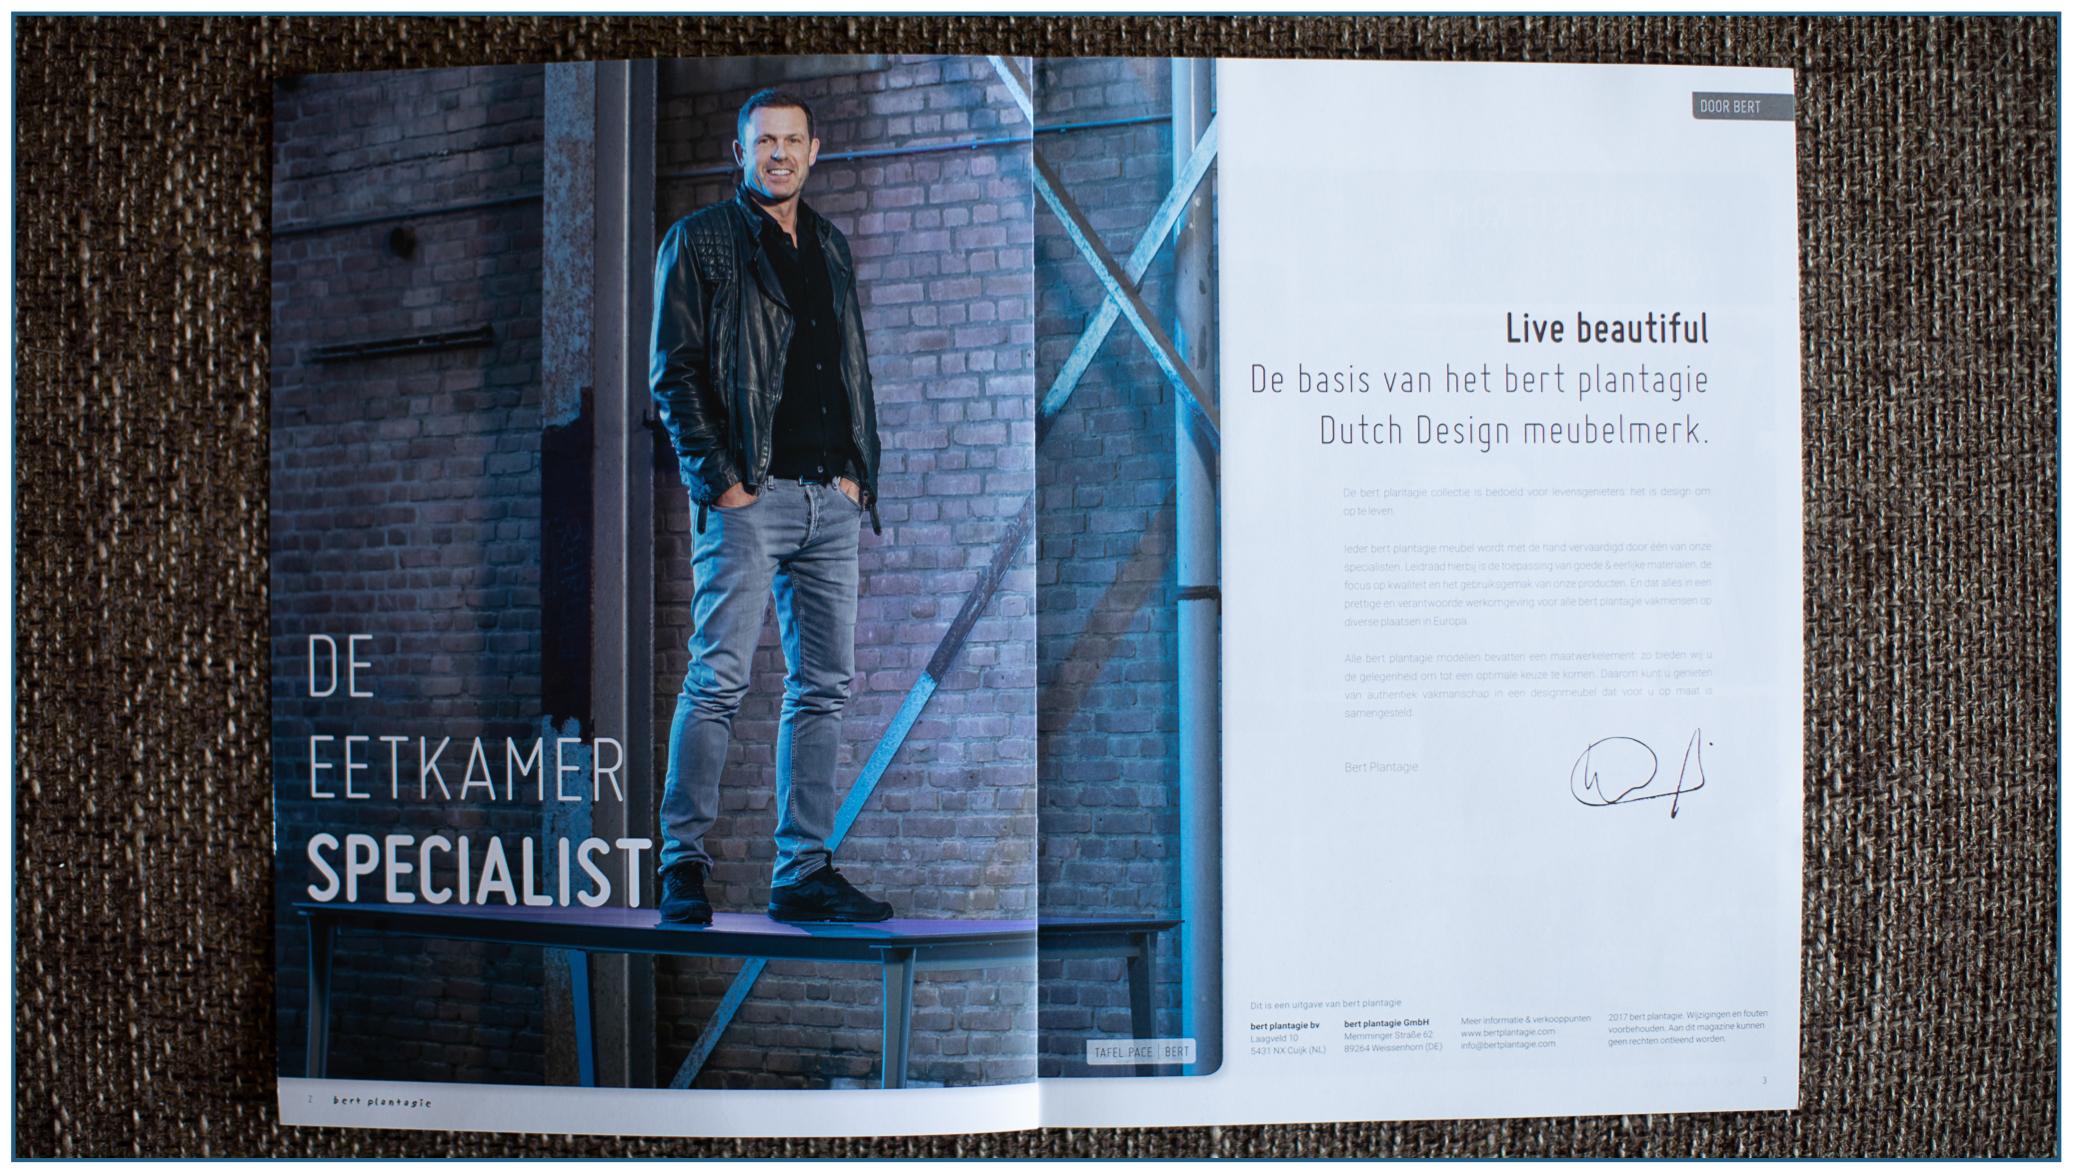 En zo kwam het portret van anderhalf jaar geleden in zijn brochure terecht.